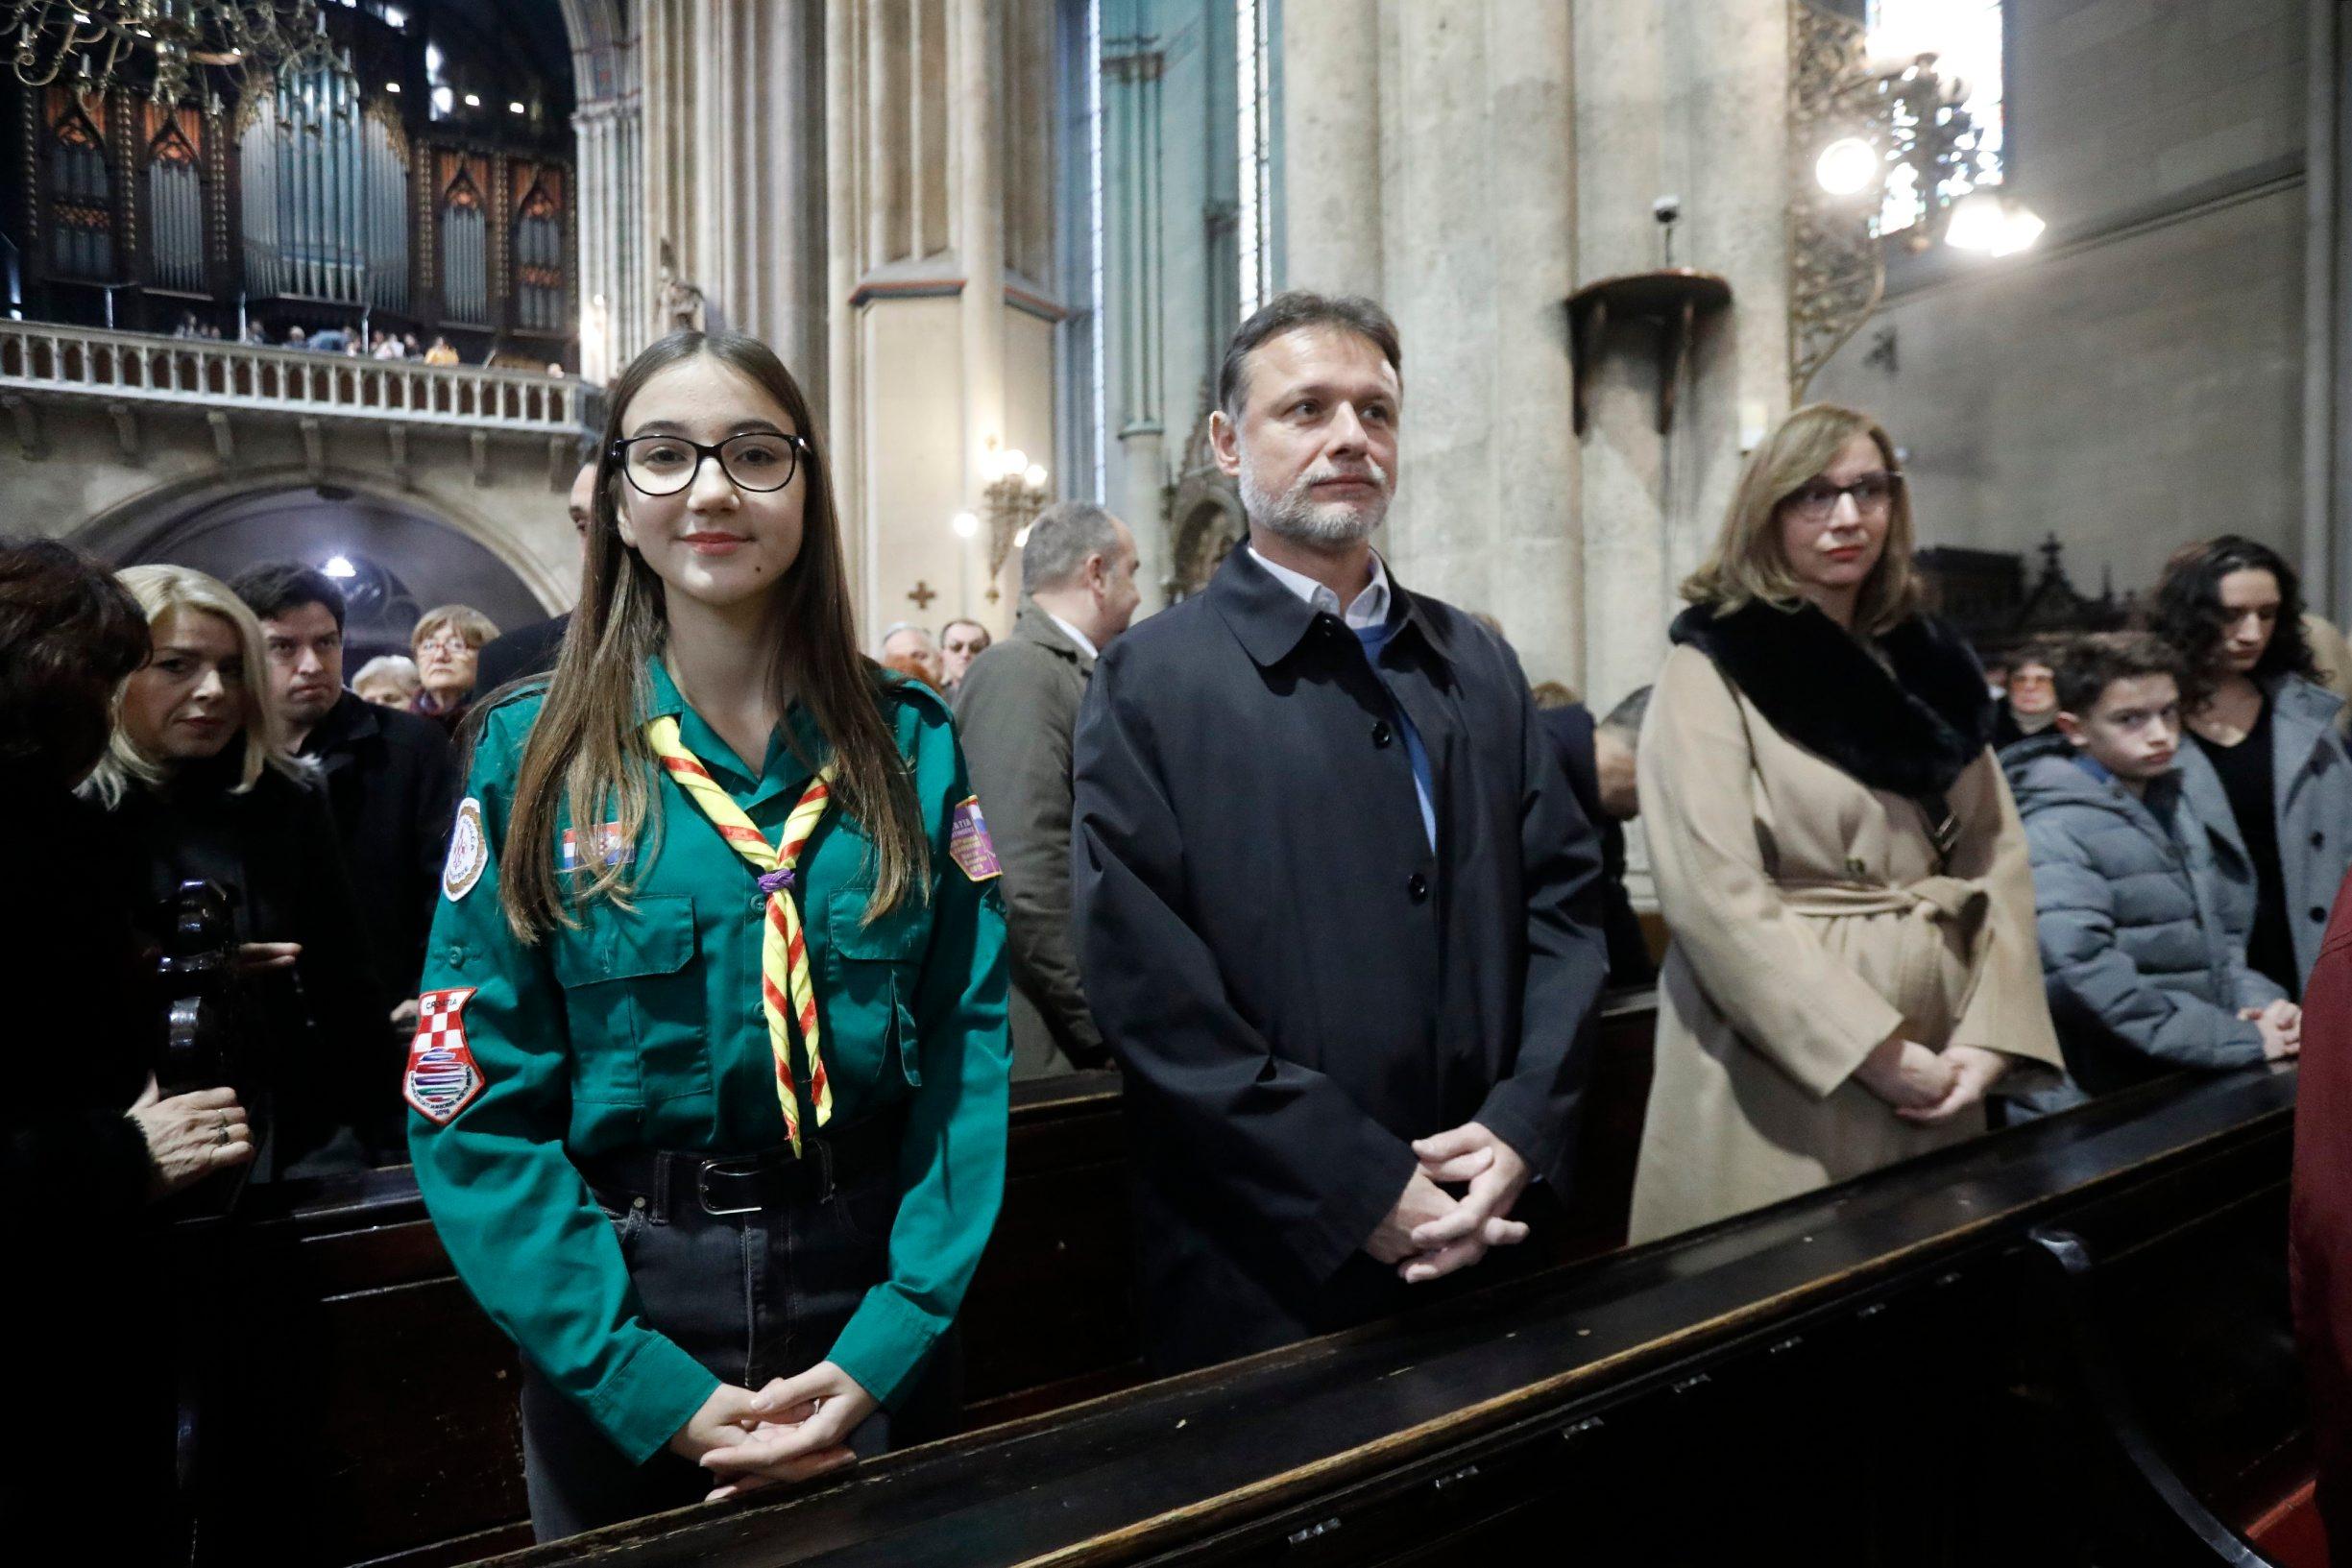 Gordan Jandroković u Zagrebačkoj katedrali na ceremoniji tradicionalnog unošenja Betlehemskog svjetla s članovima Saveza izviđača Hrvatske